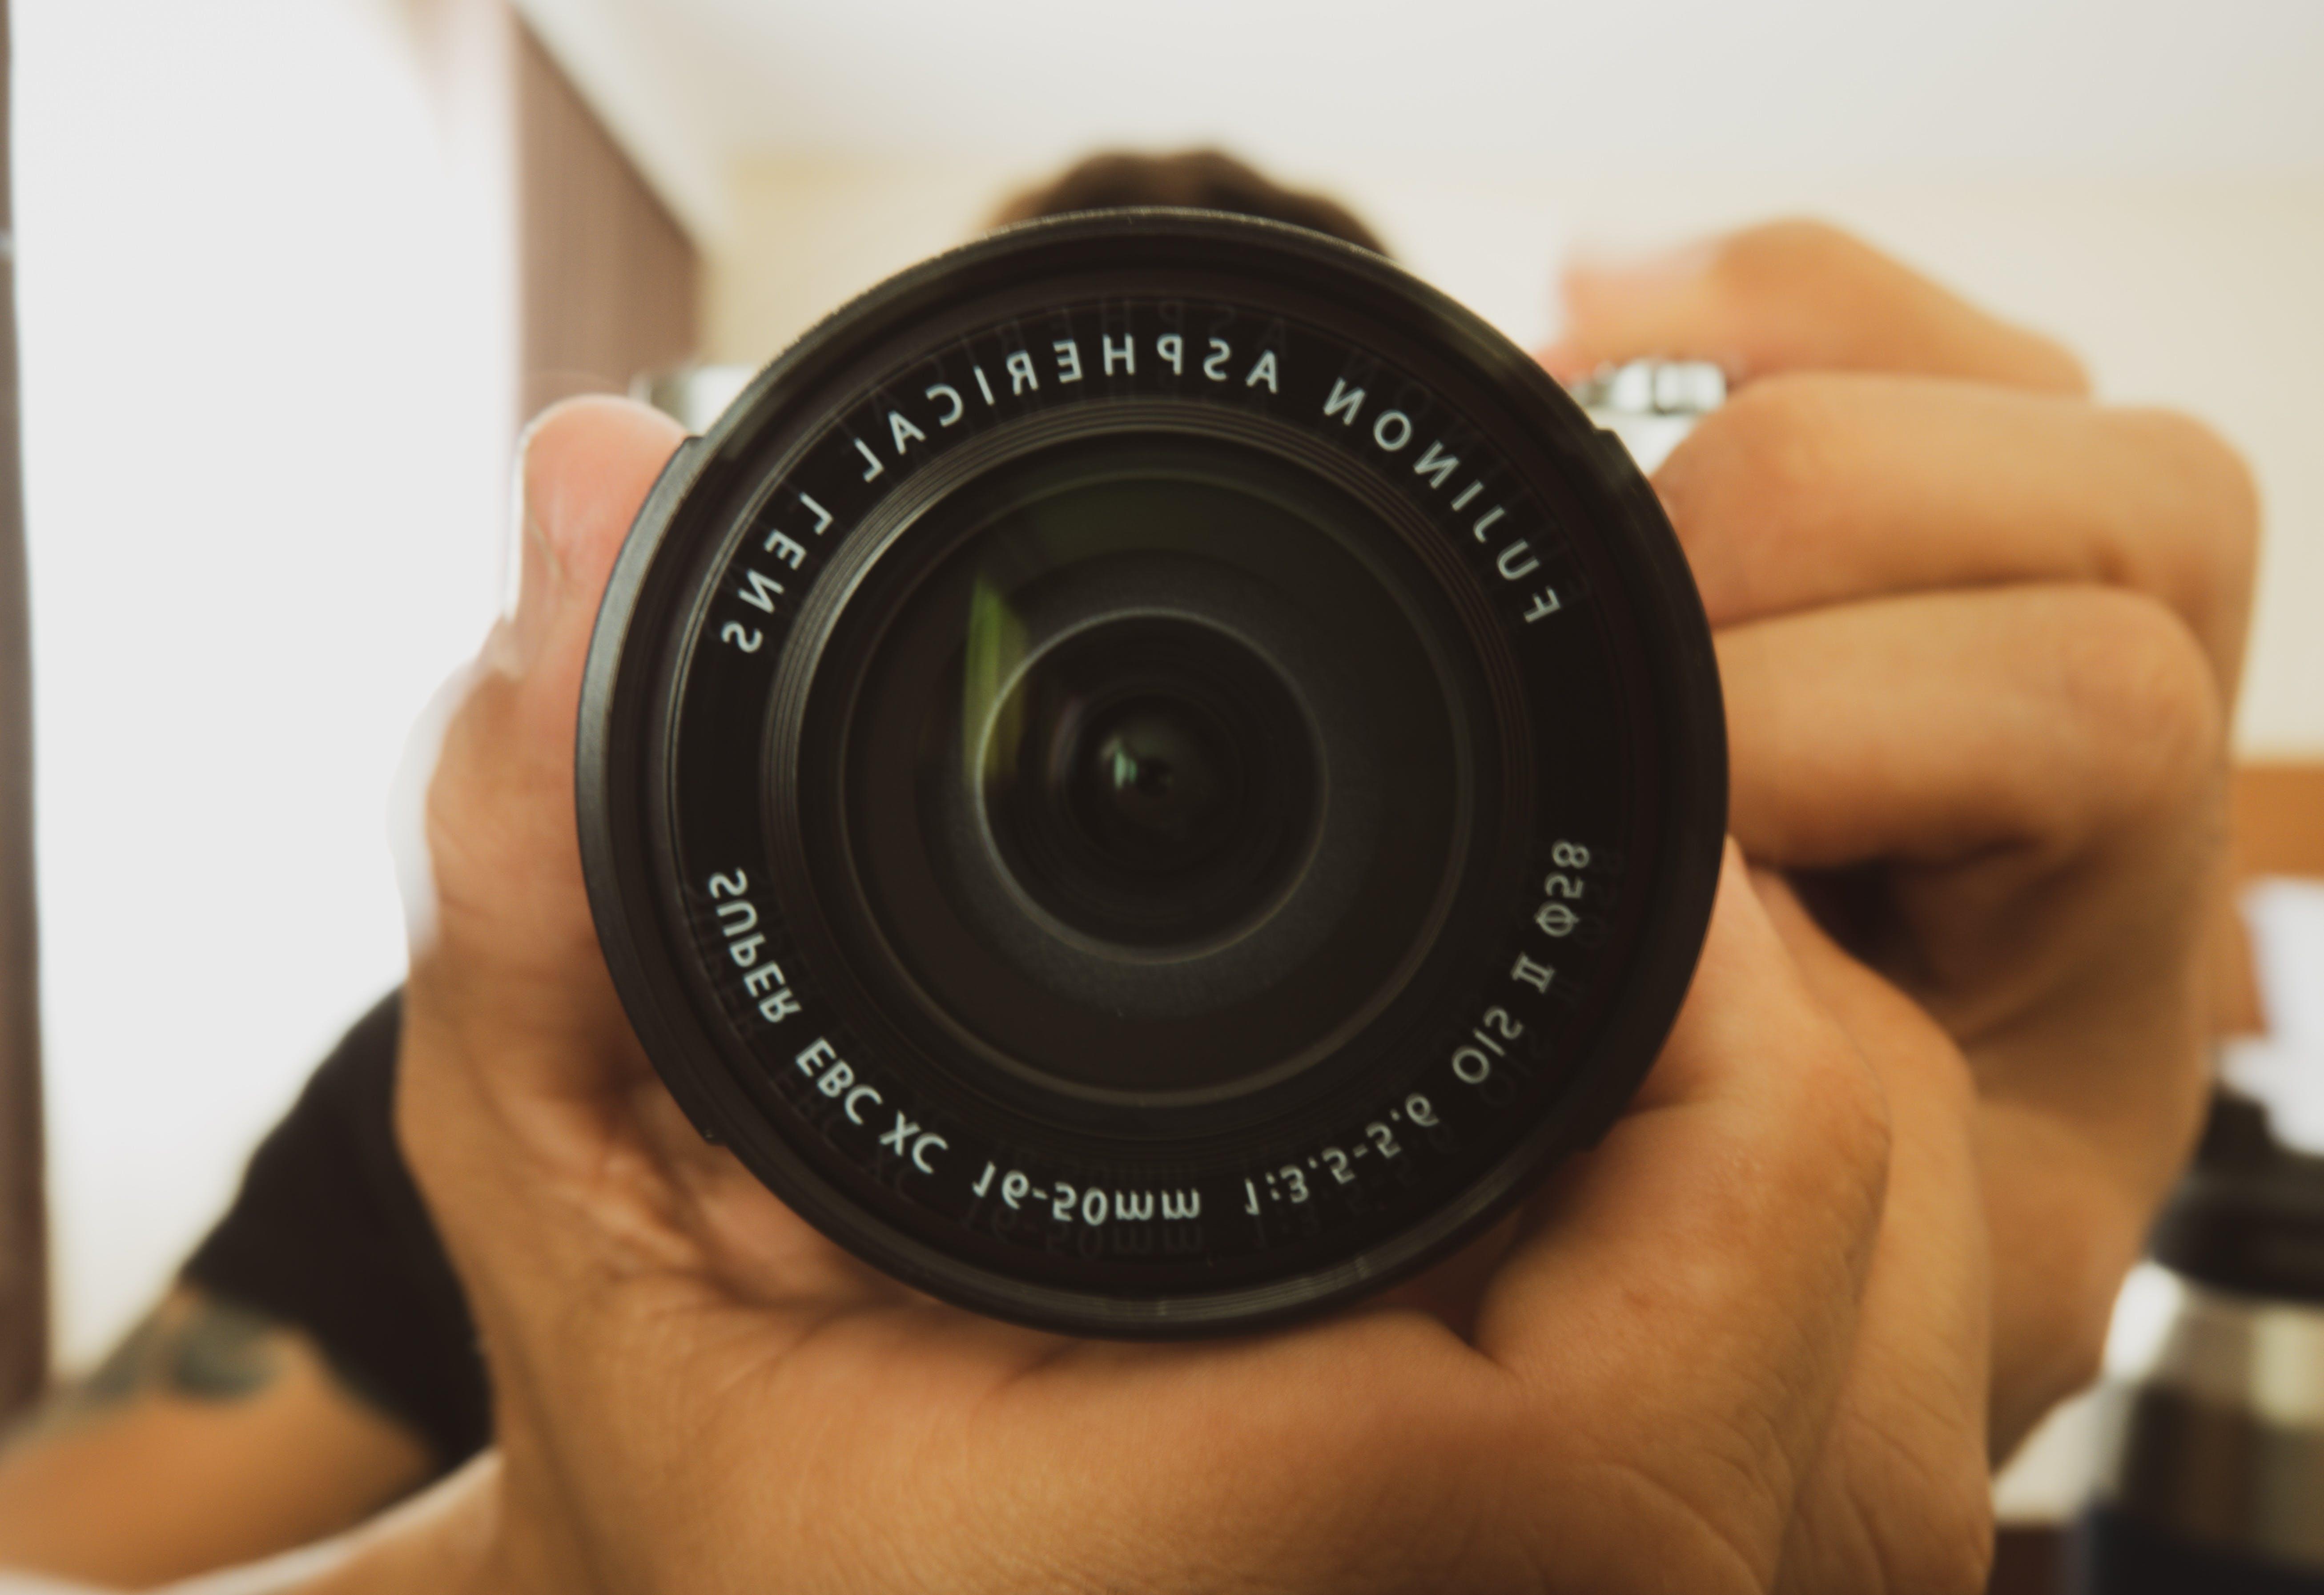 Free stock photo of camera, camera lens, lens, photographer